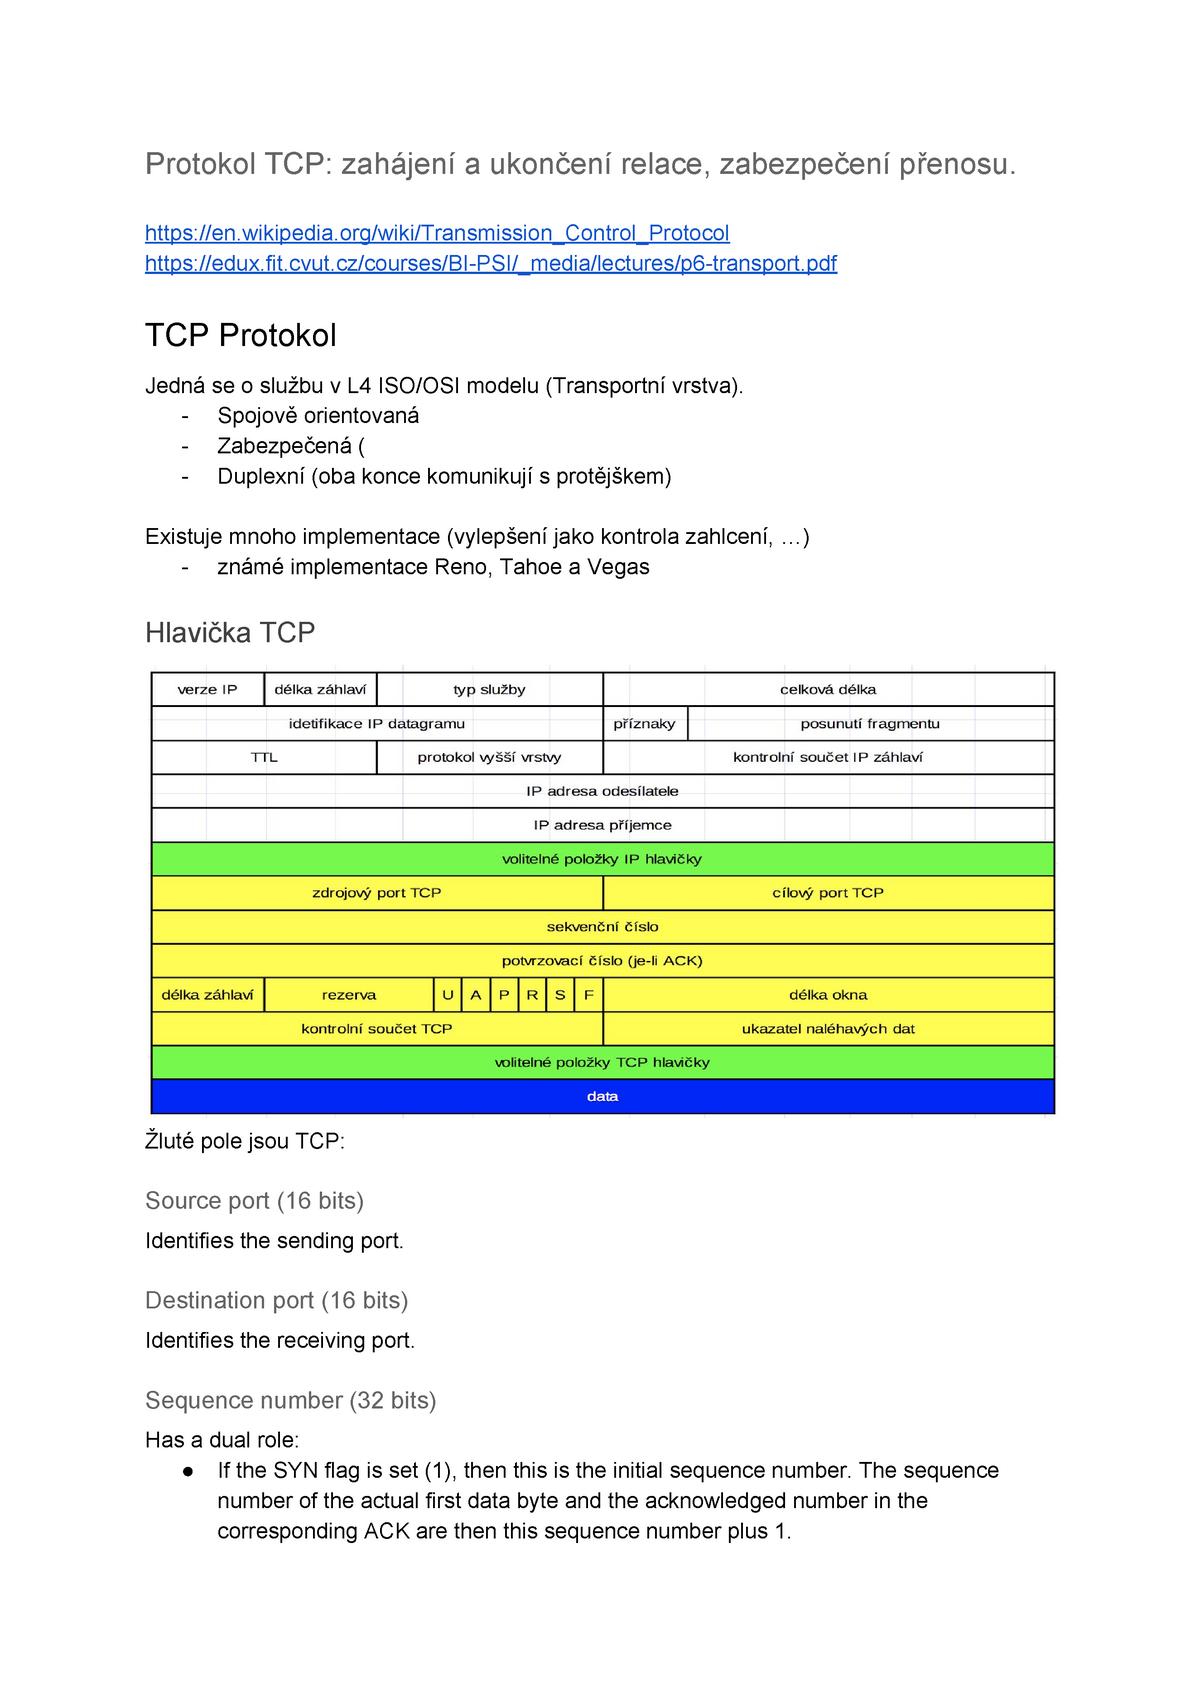 PSI - TCP protokol - Počítačové sítě BI-PSI - StuDocu